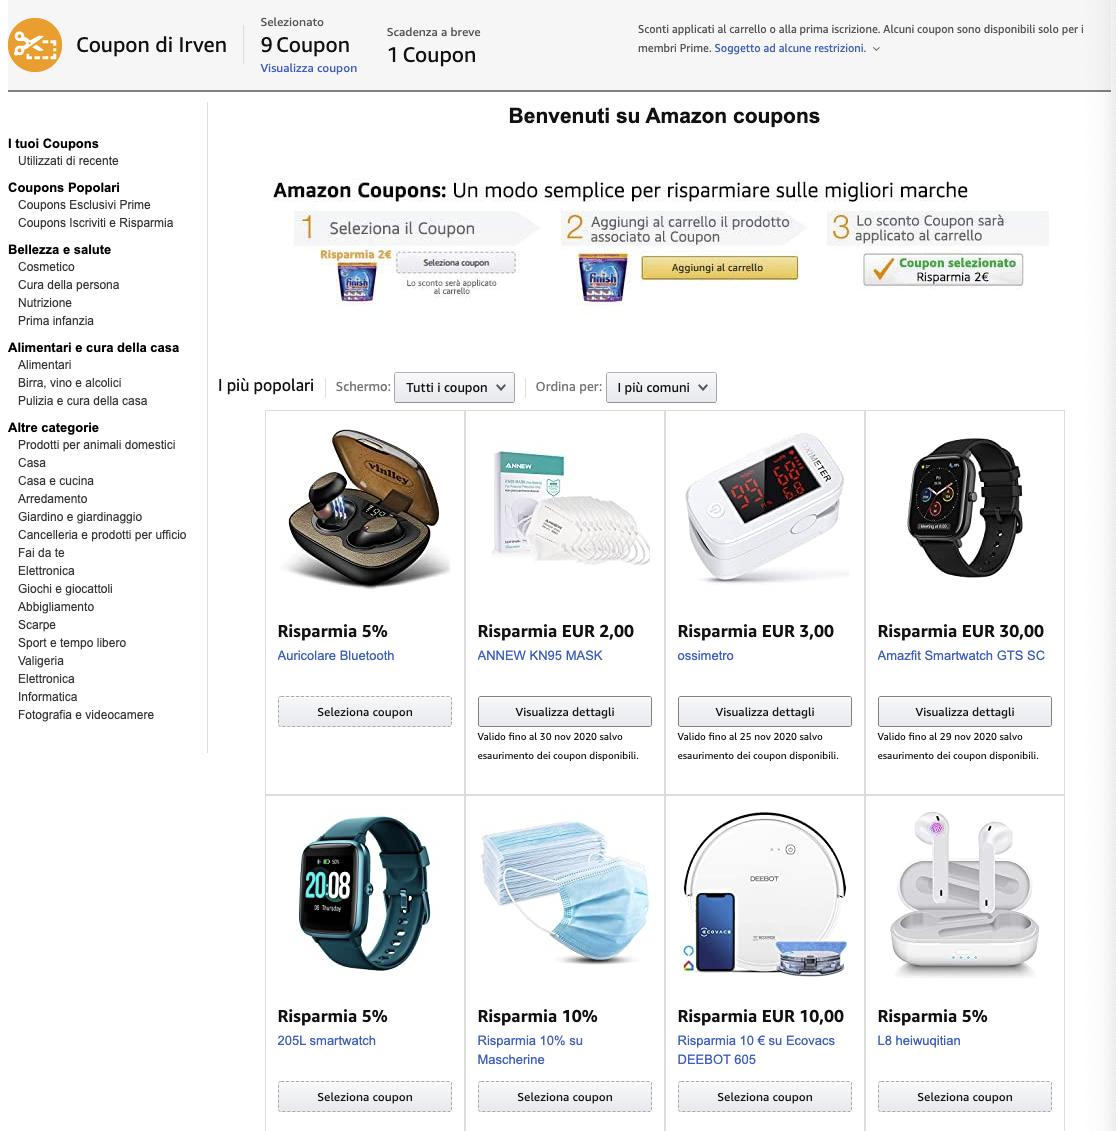 Si chiama Amazon Coupons la nuova iniziativa per i clienti Prime 1